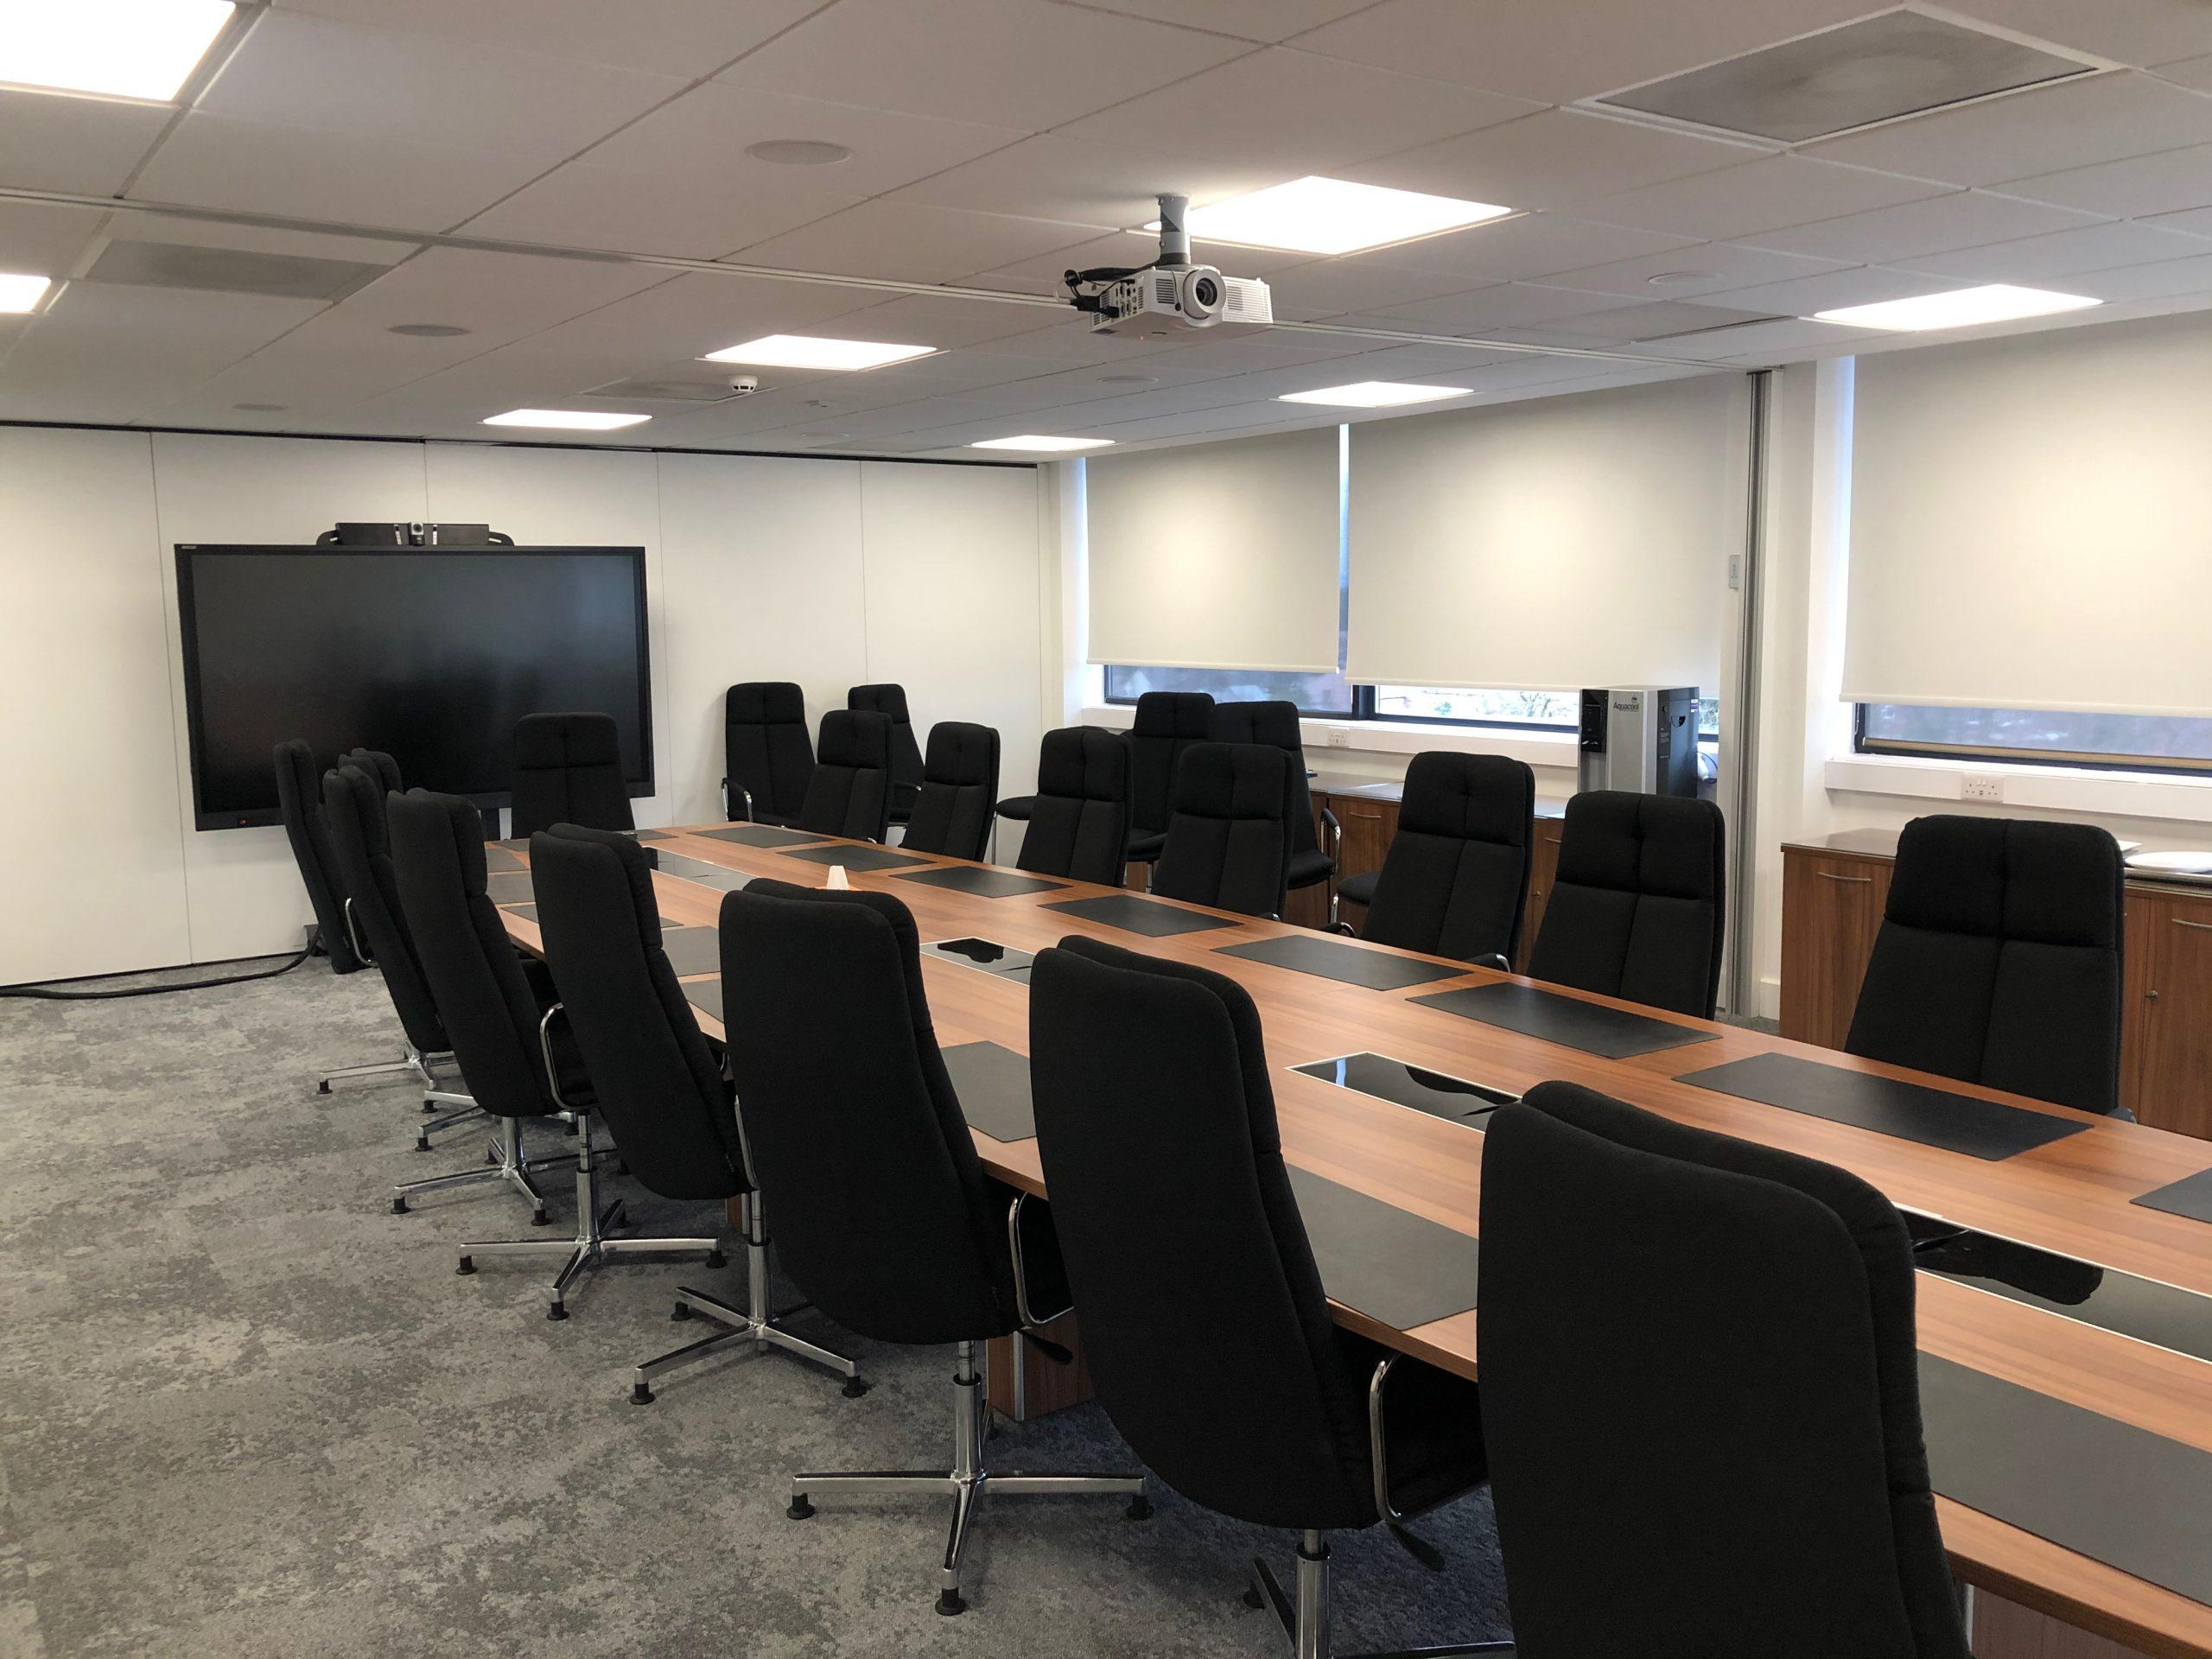 Meeting Room AV installation